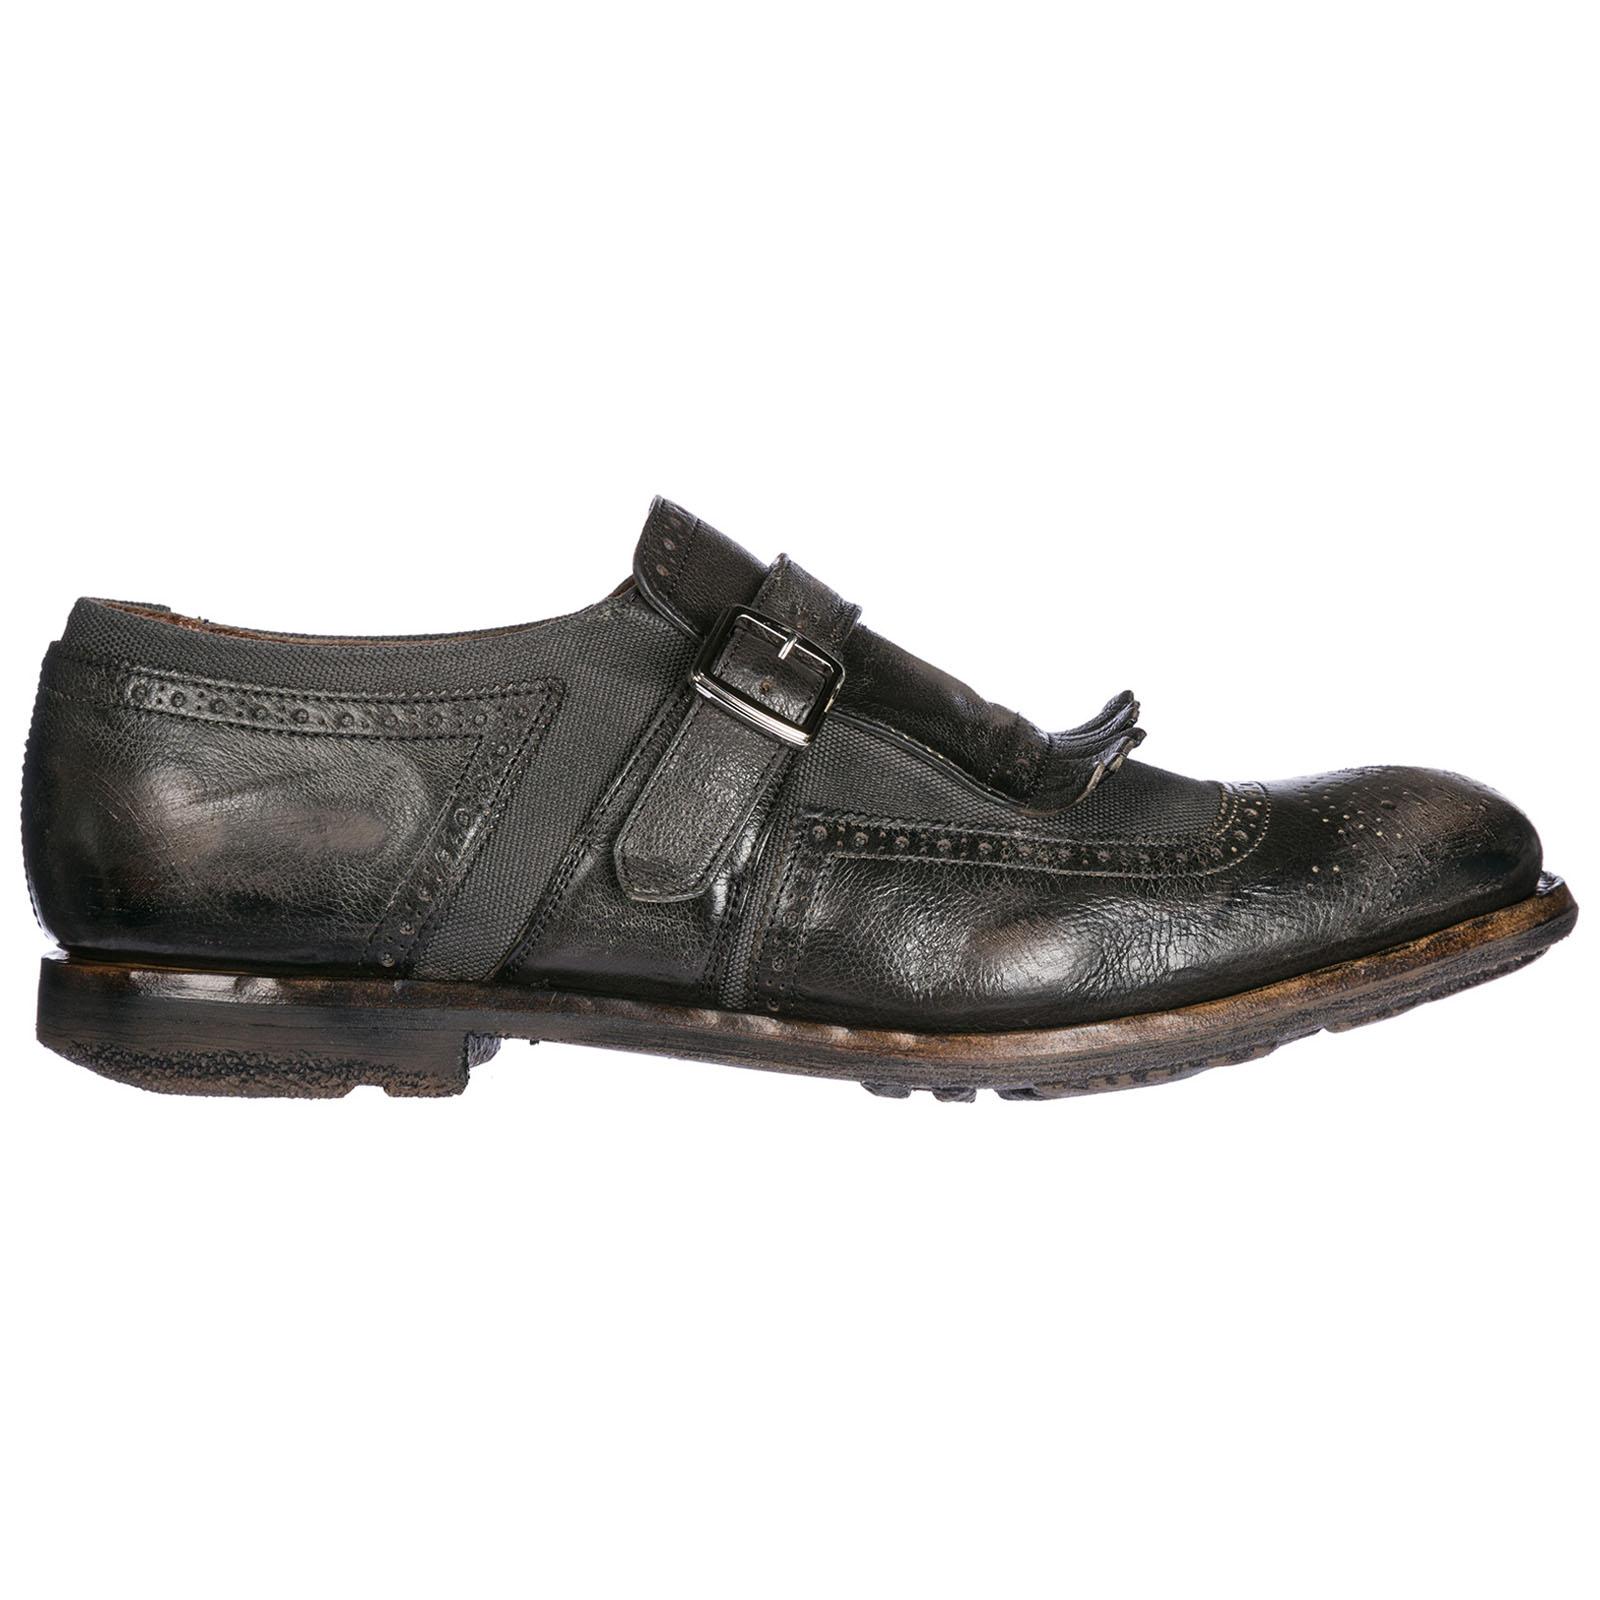 Scarpe classiche uomo in pelle monkstrap